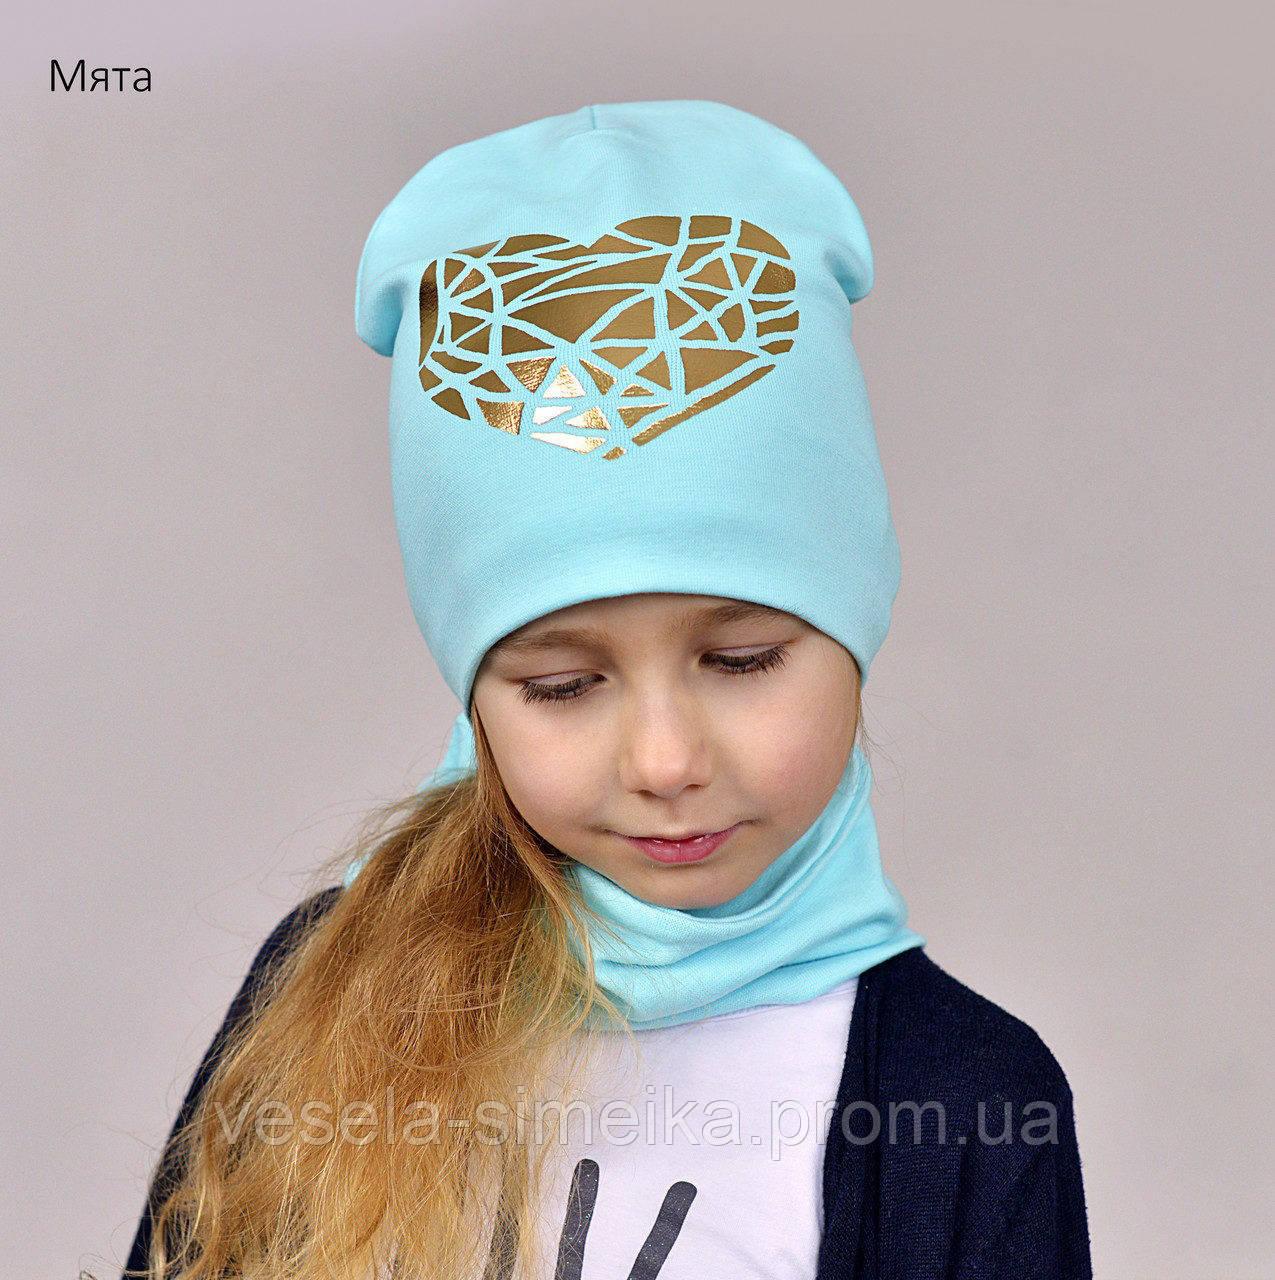 Комплект детский для девочки шапка cd55eabed0d19